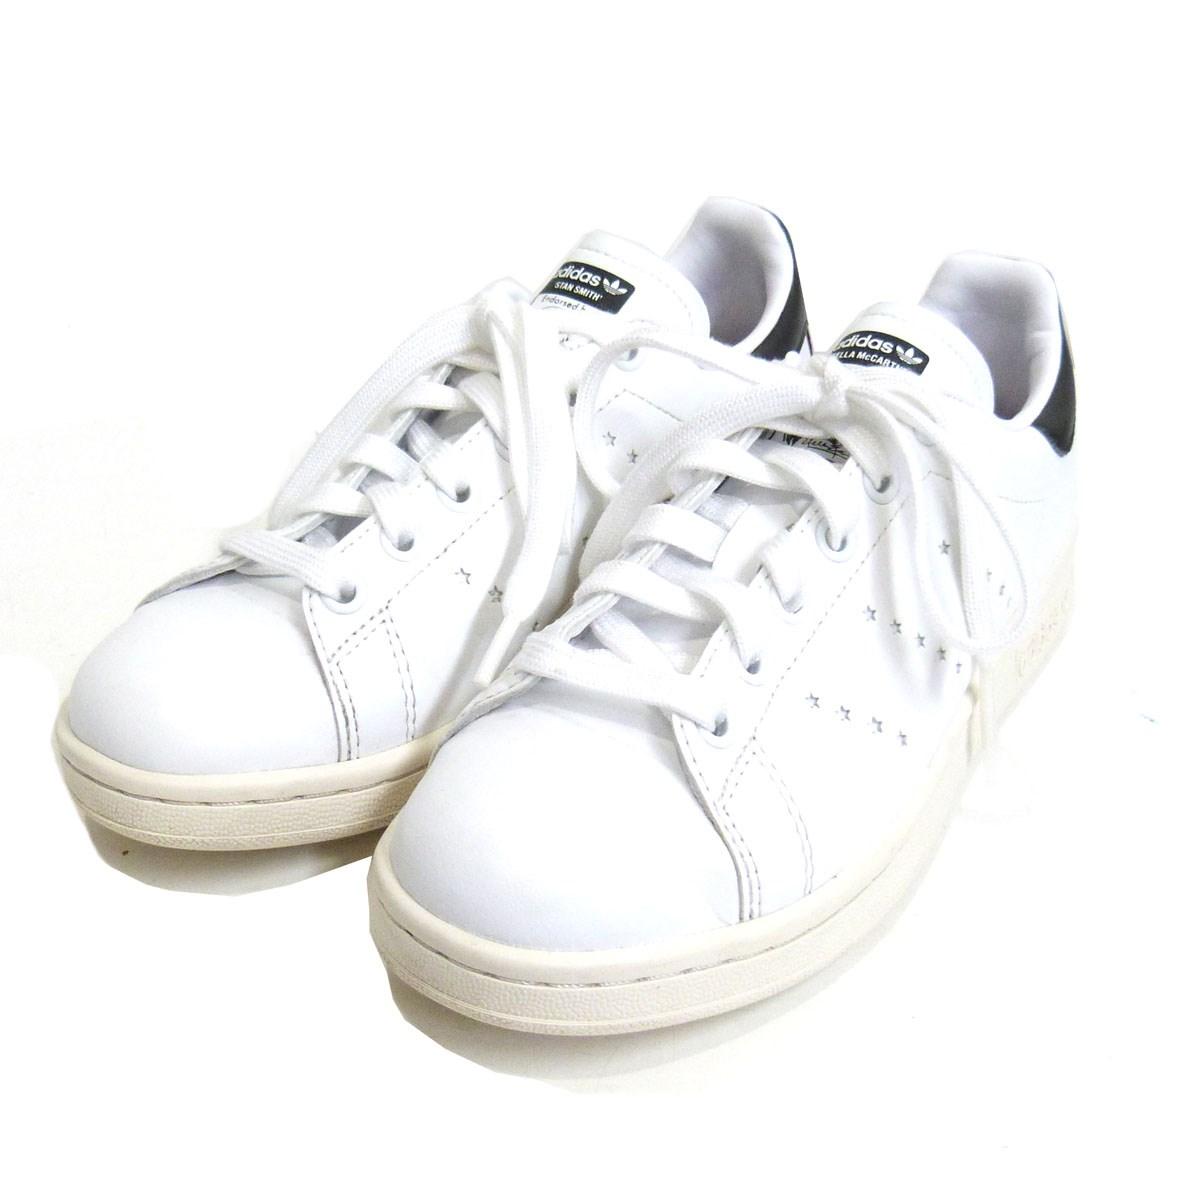 sports shoes ddf24 7fd77 STELLA McCARTNEY X adidas 18AW